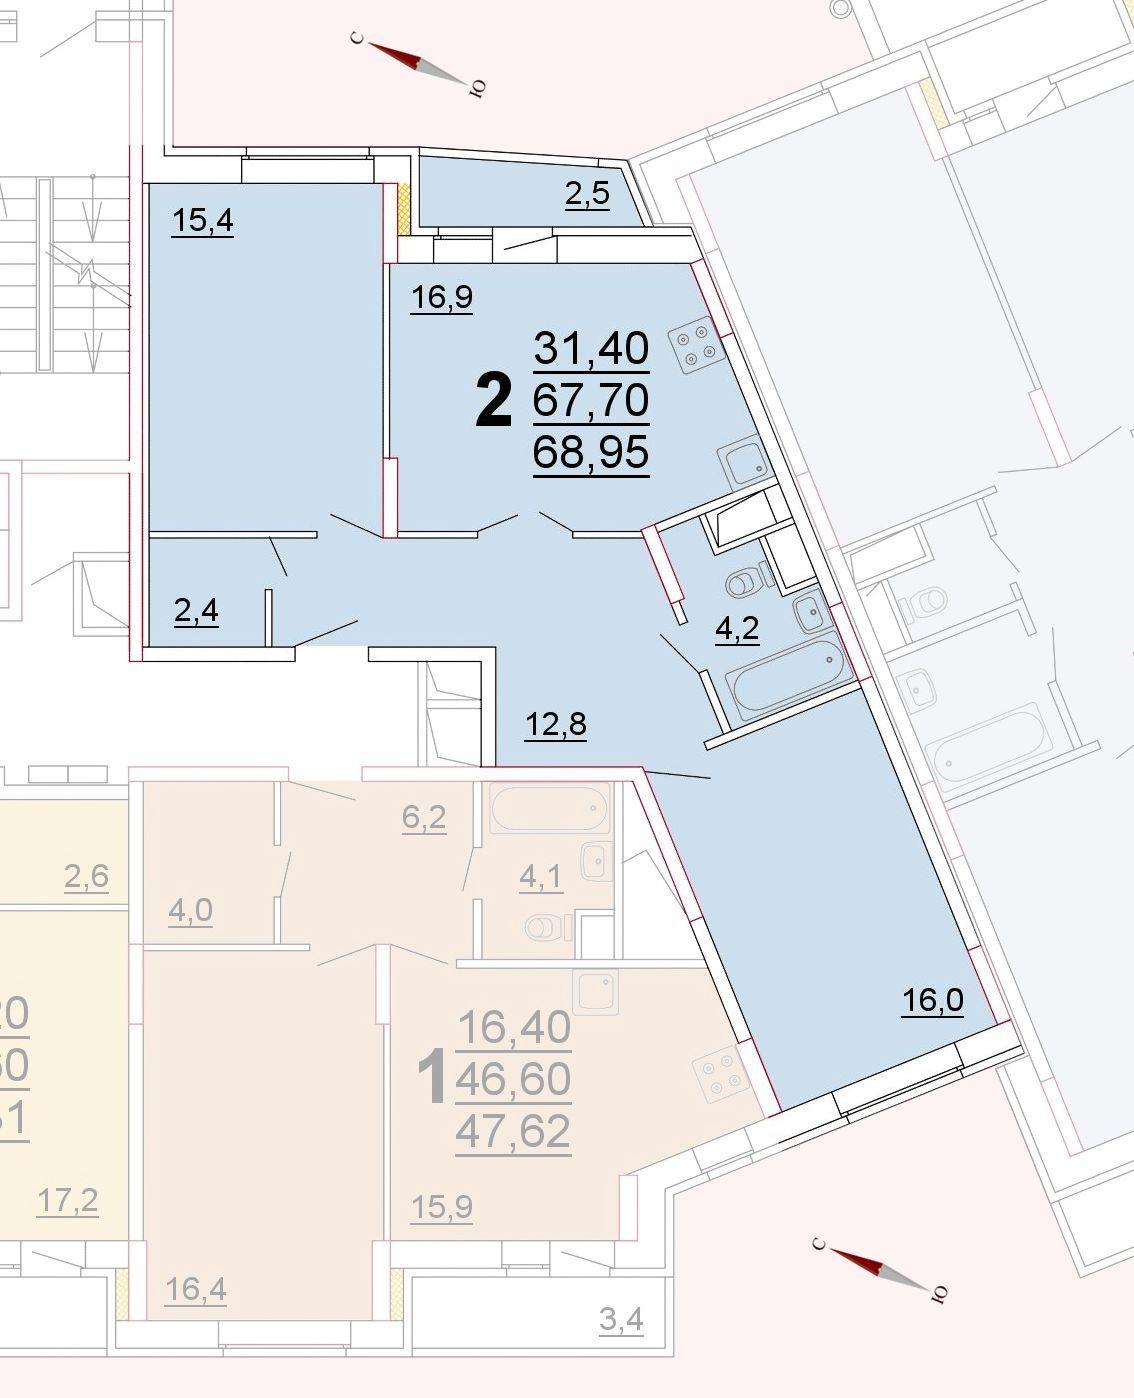 Микрорайон «Центральный», корпус 52г, секция 1, квартира 68,95 м2